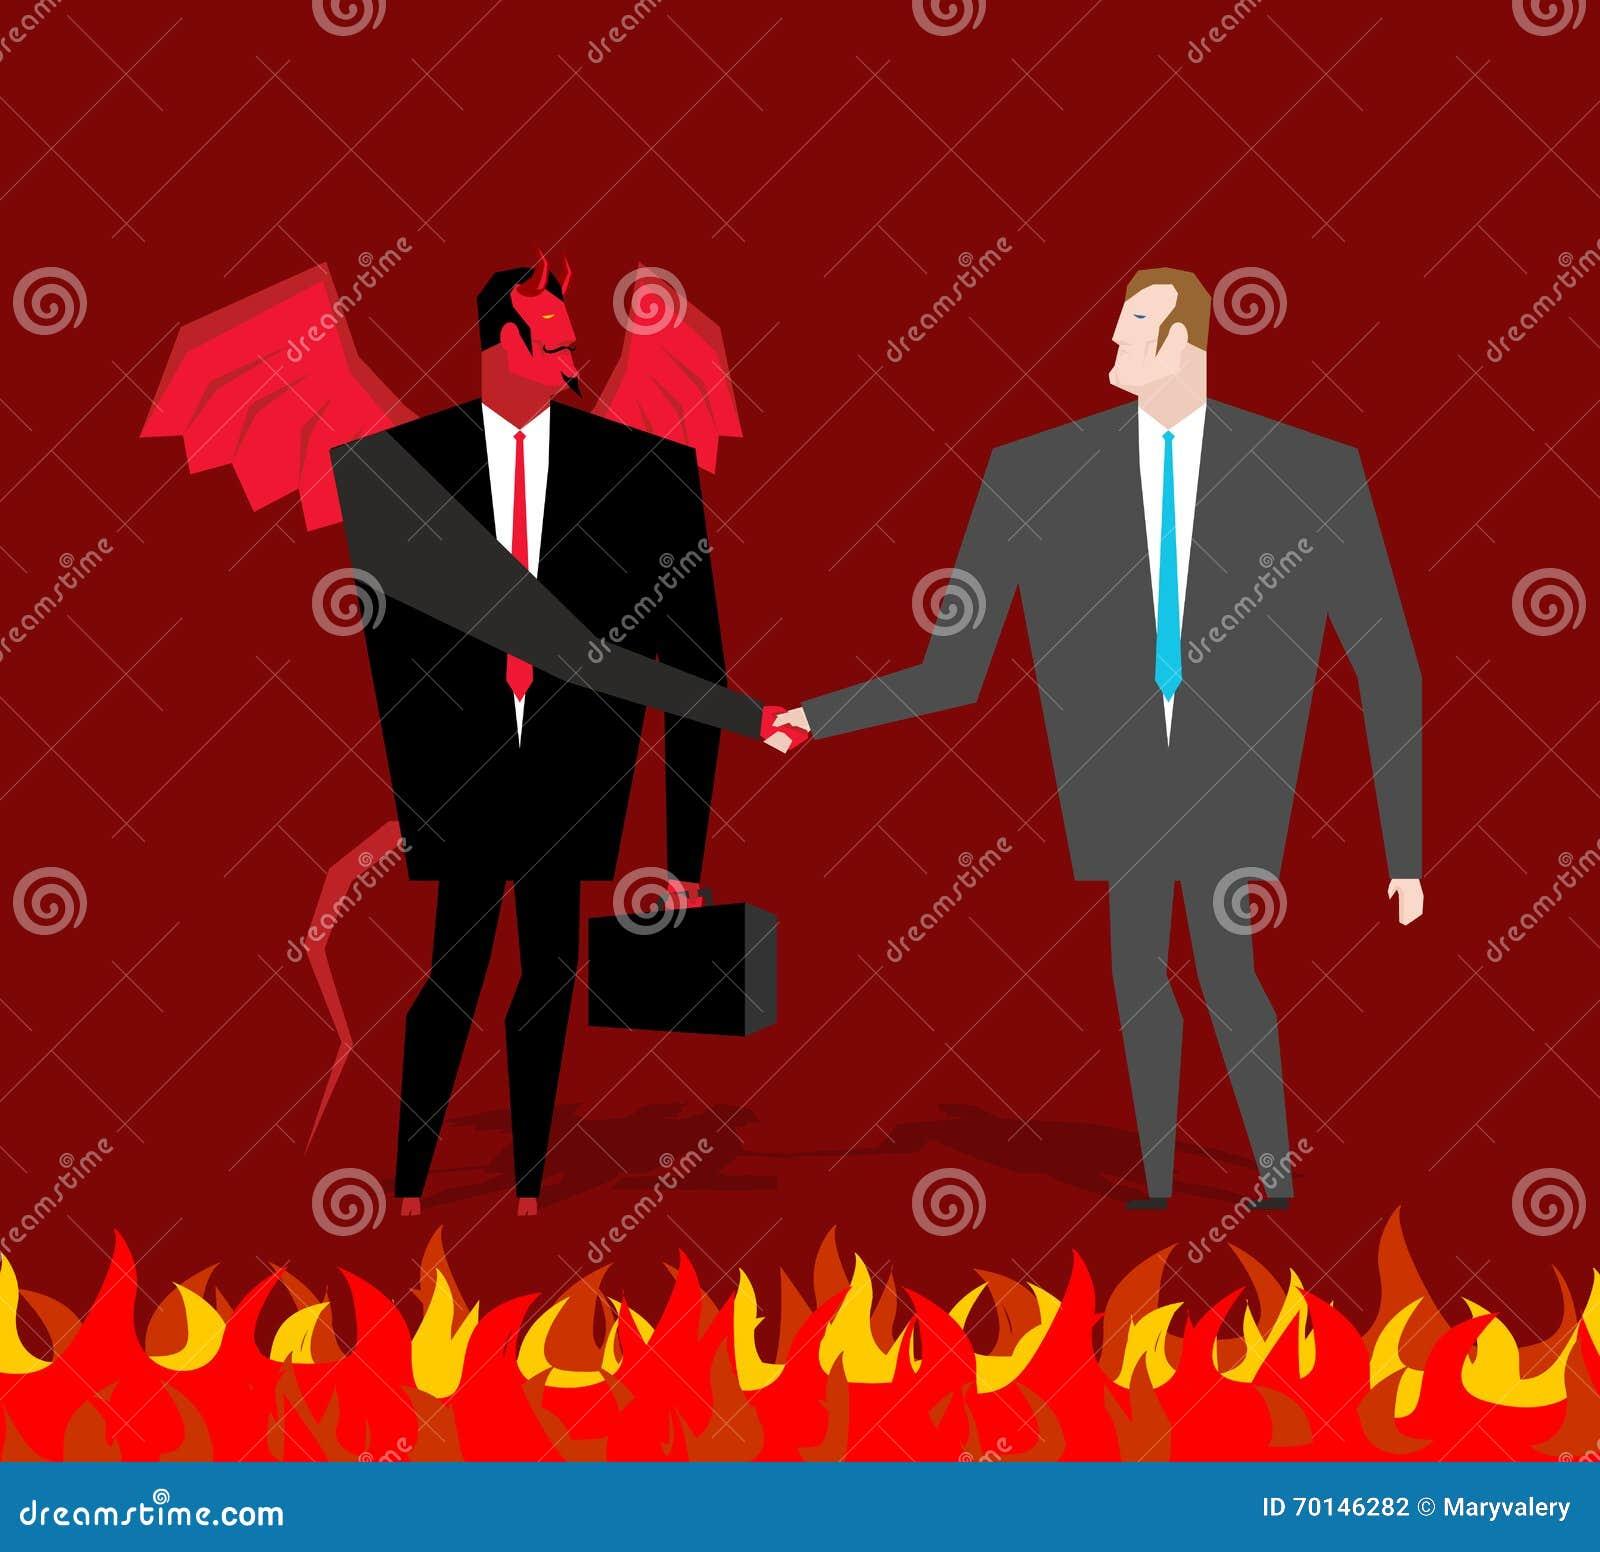 Εξετάστε το διάβολο Ο επιχειρηματίας και κάνει έναν δαίμονα διαπραγμάτευσης στην κόλαση